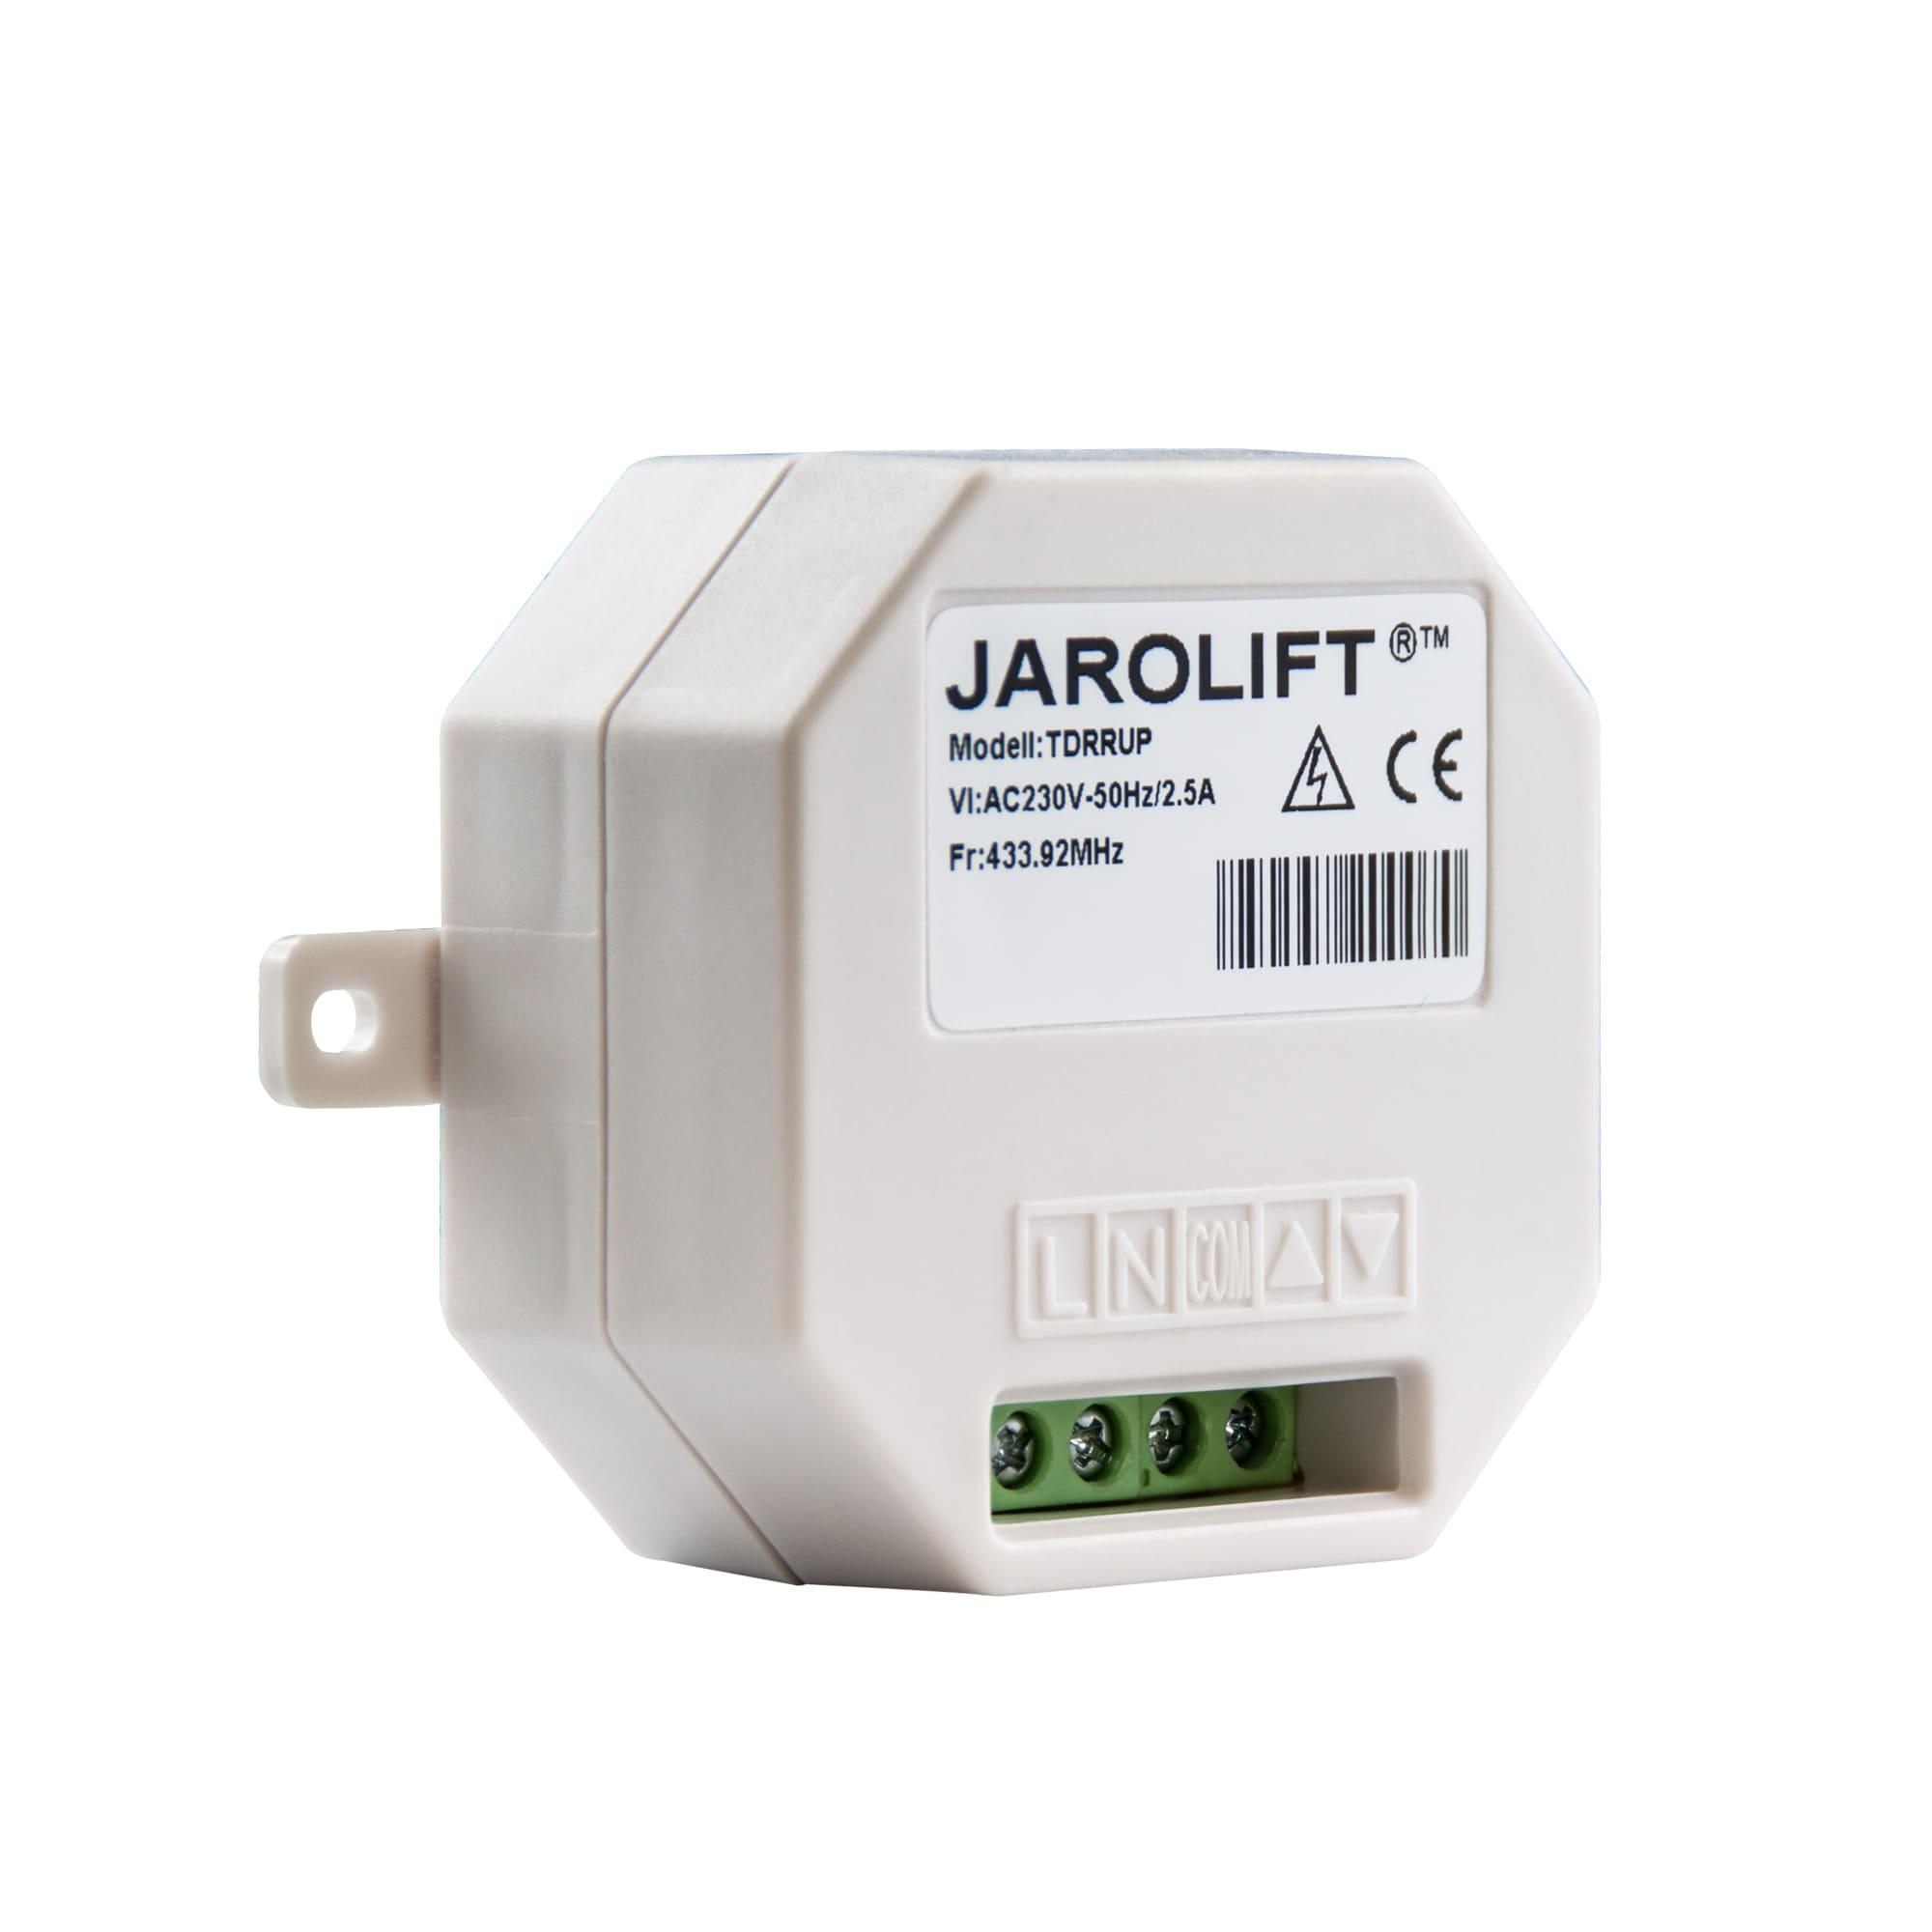 jarolift 1 kanal tdrrup l funk lichtschalter unterputz. Black Bedroom Furniture Sets. Home Design Ideas